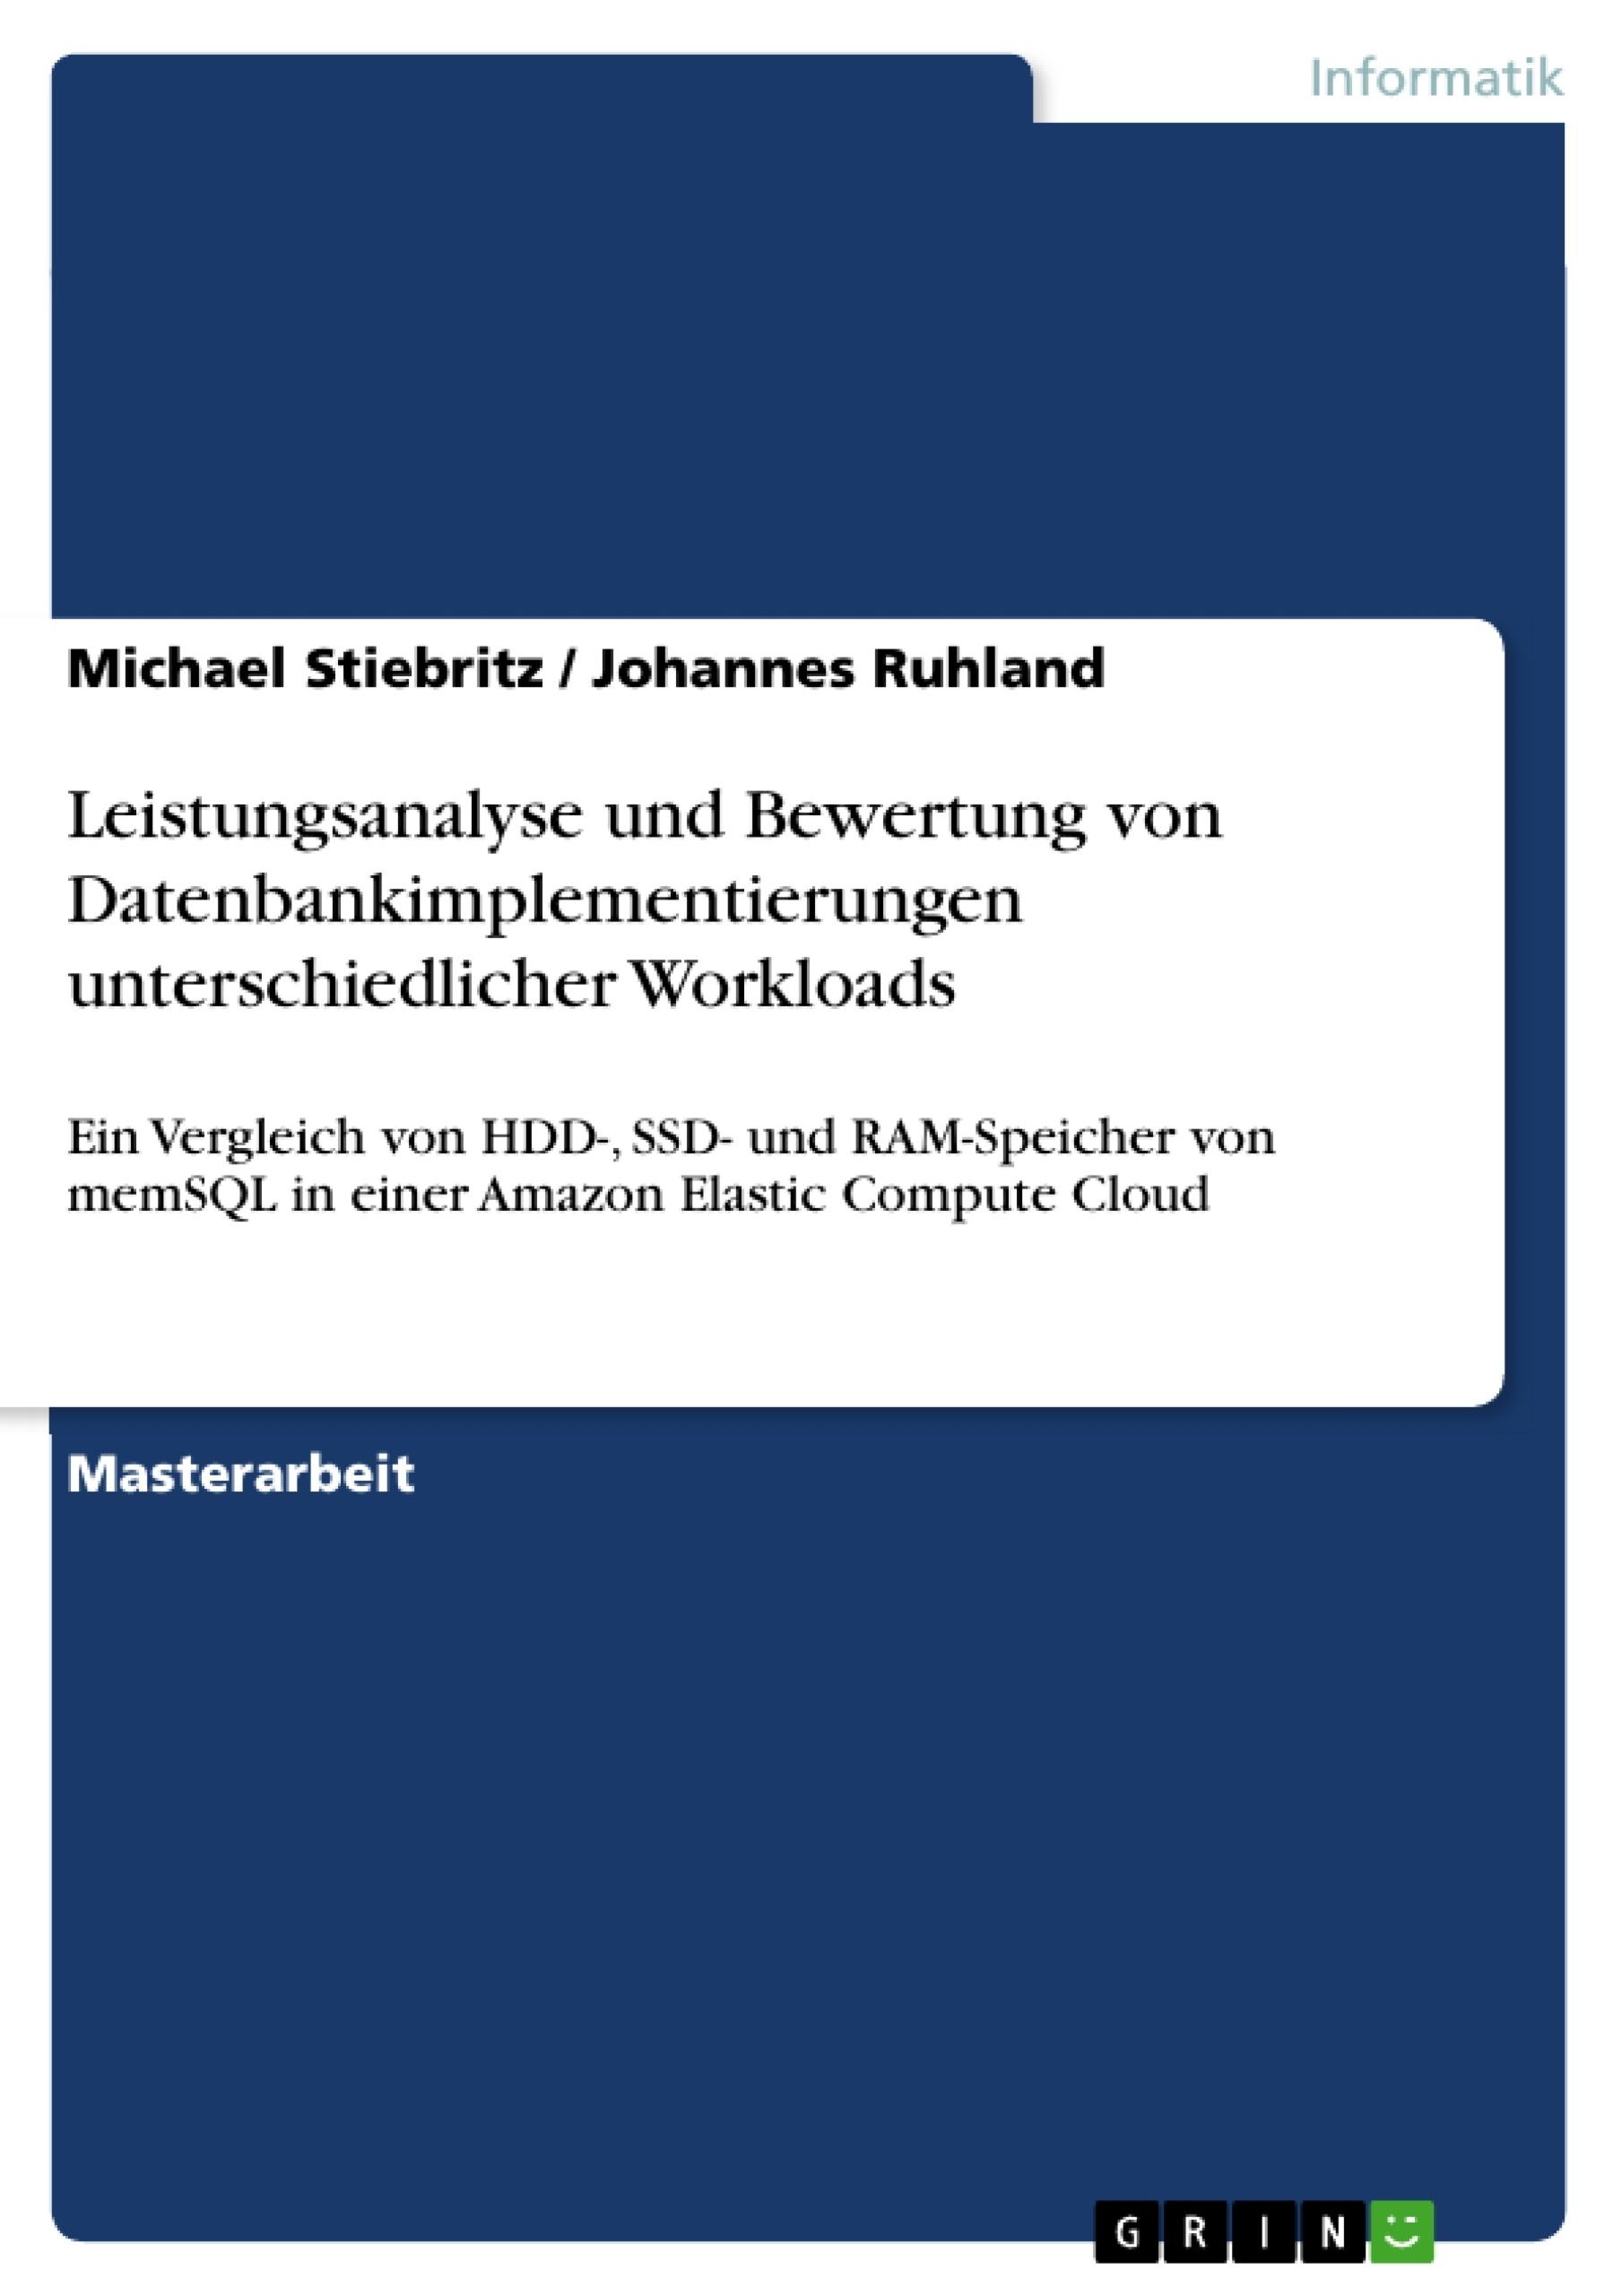 Titel: Leistungsanalyse und Bewertung von Datenbankimplementierungen unterschiedlicher Workloads